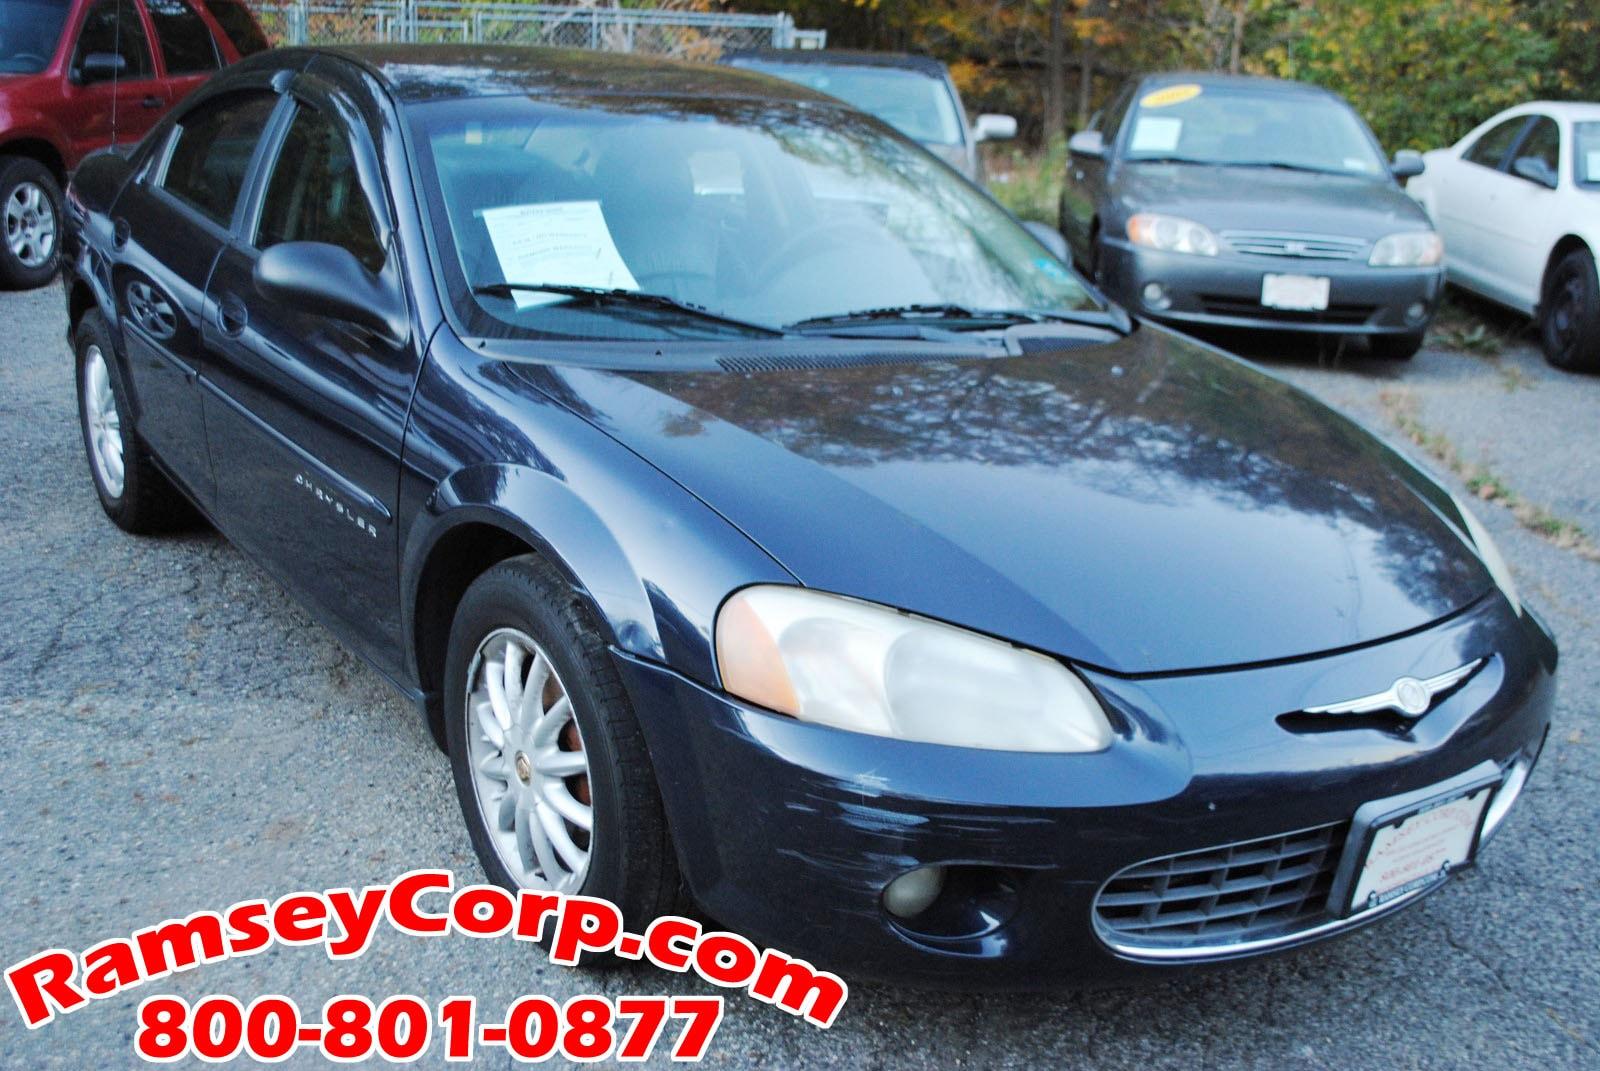 Used 2001 Chrysler Sebring For Sale